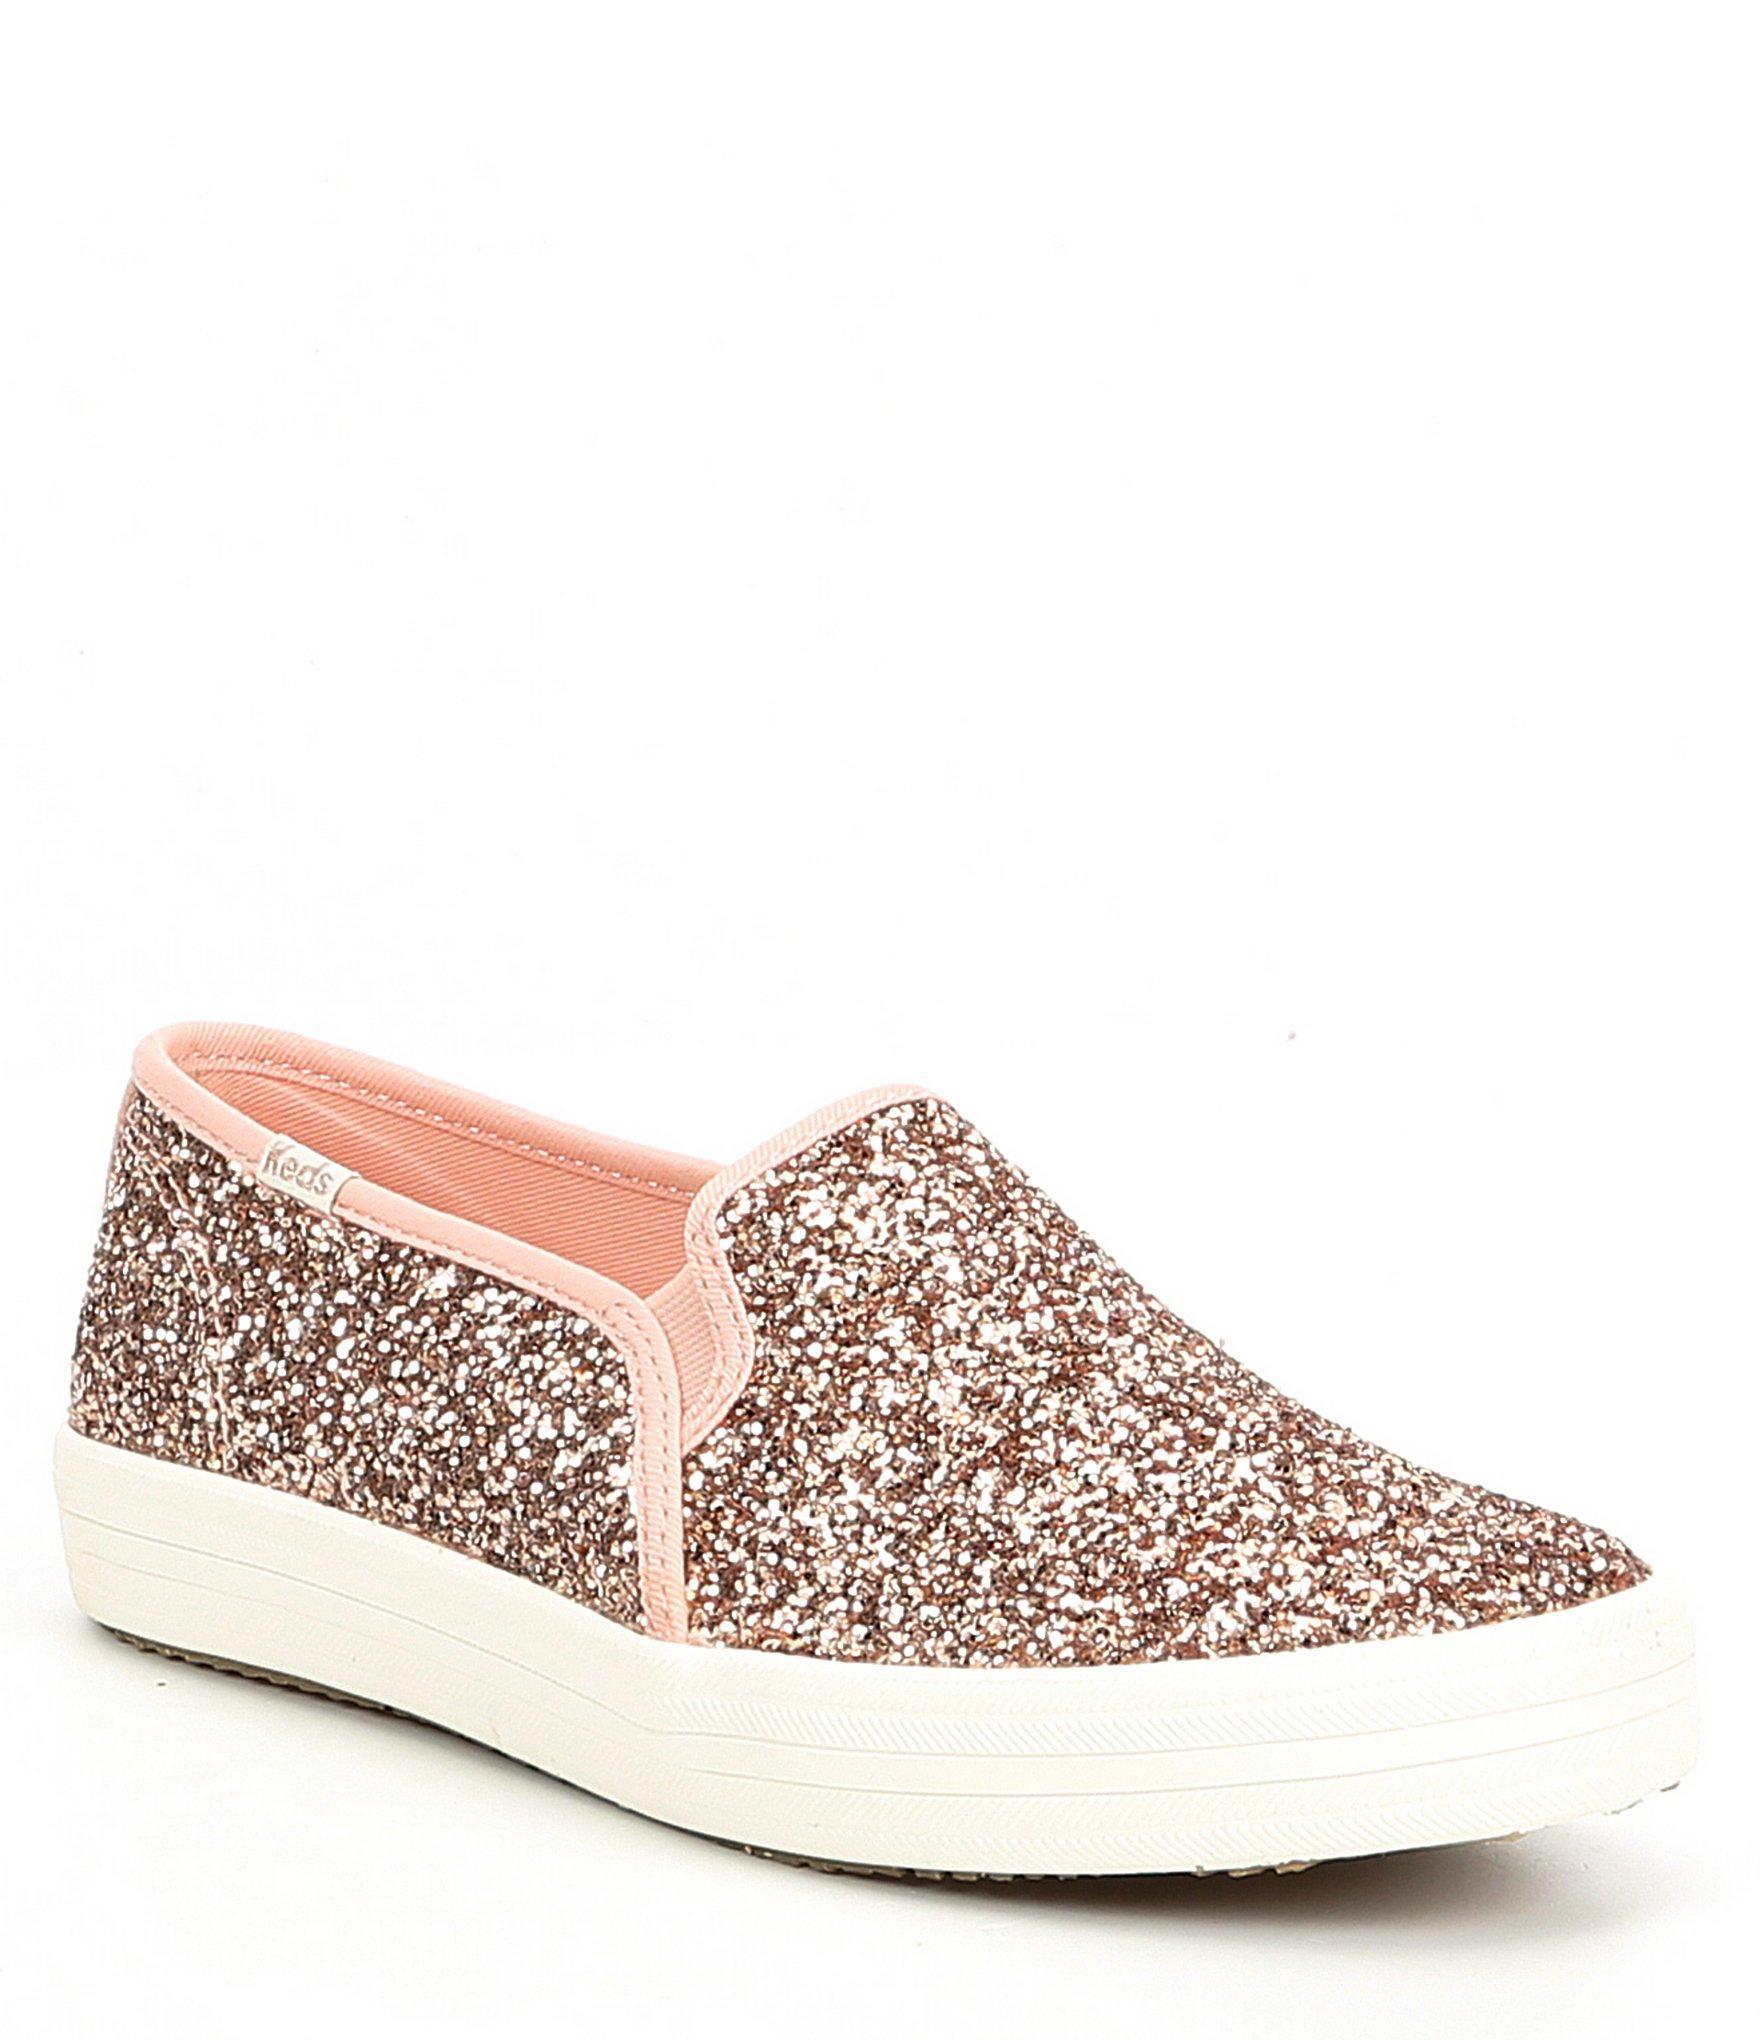 61714dd8c08 Lyst - Kate Spade Keds X Double Decker Glitter Sneakers in Pink